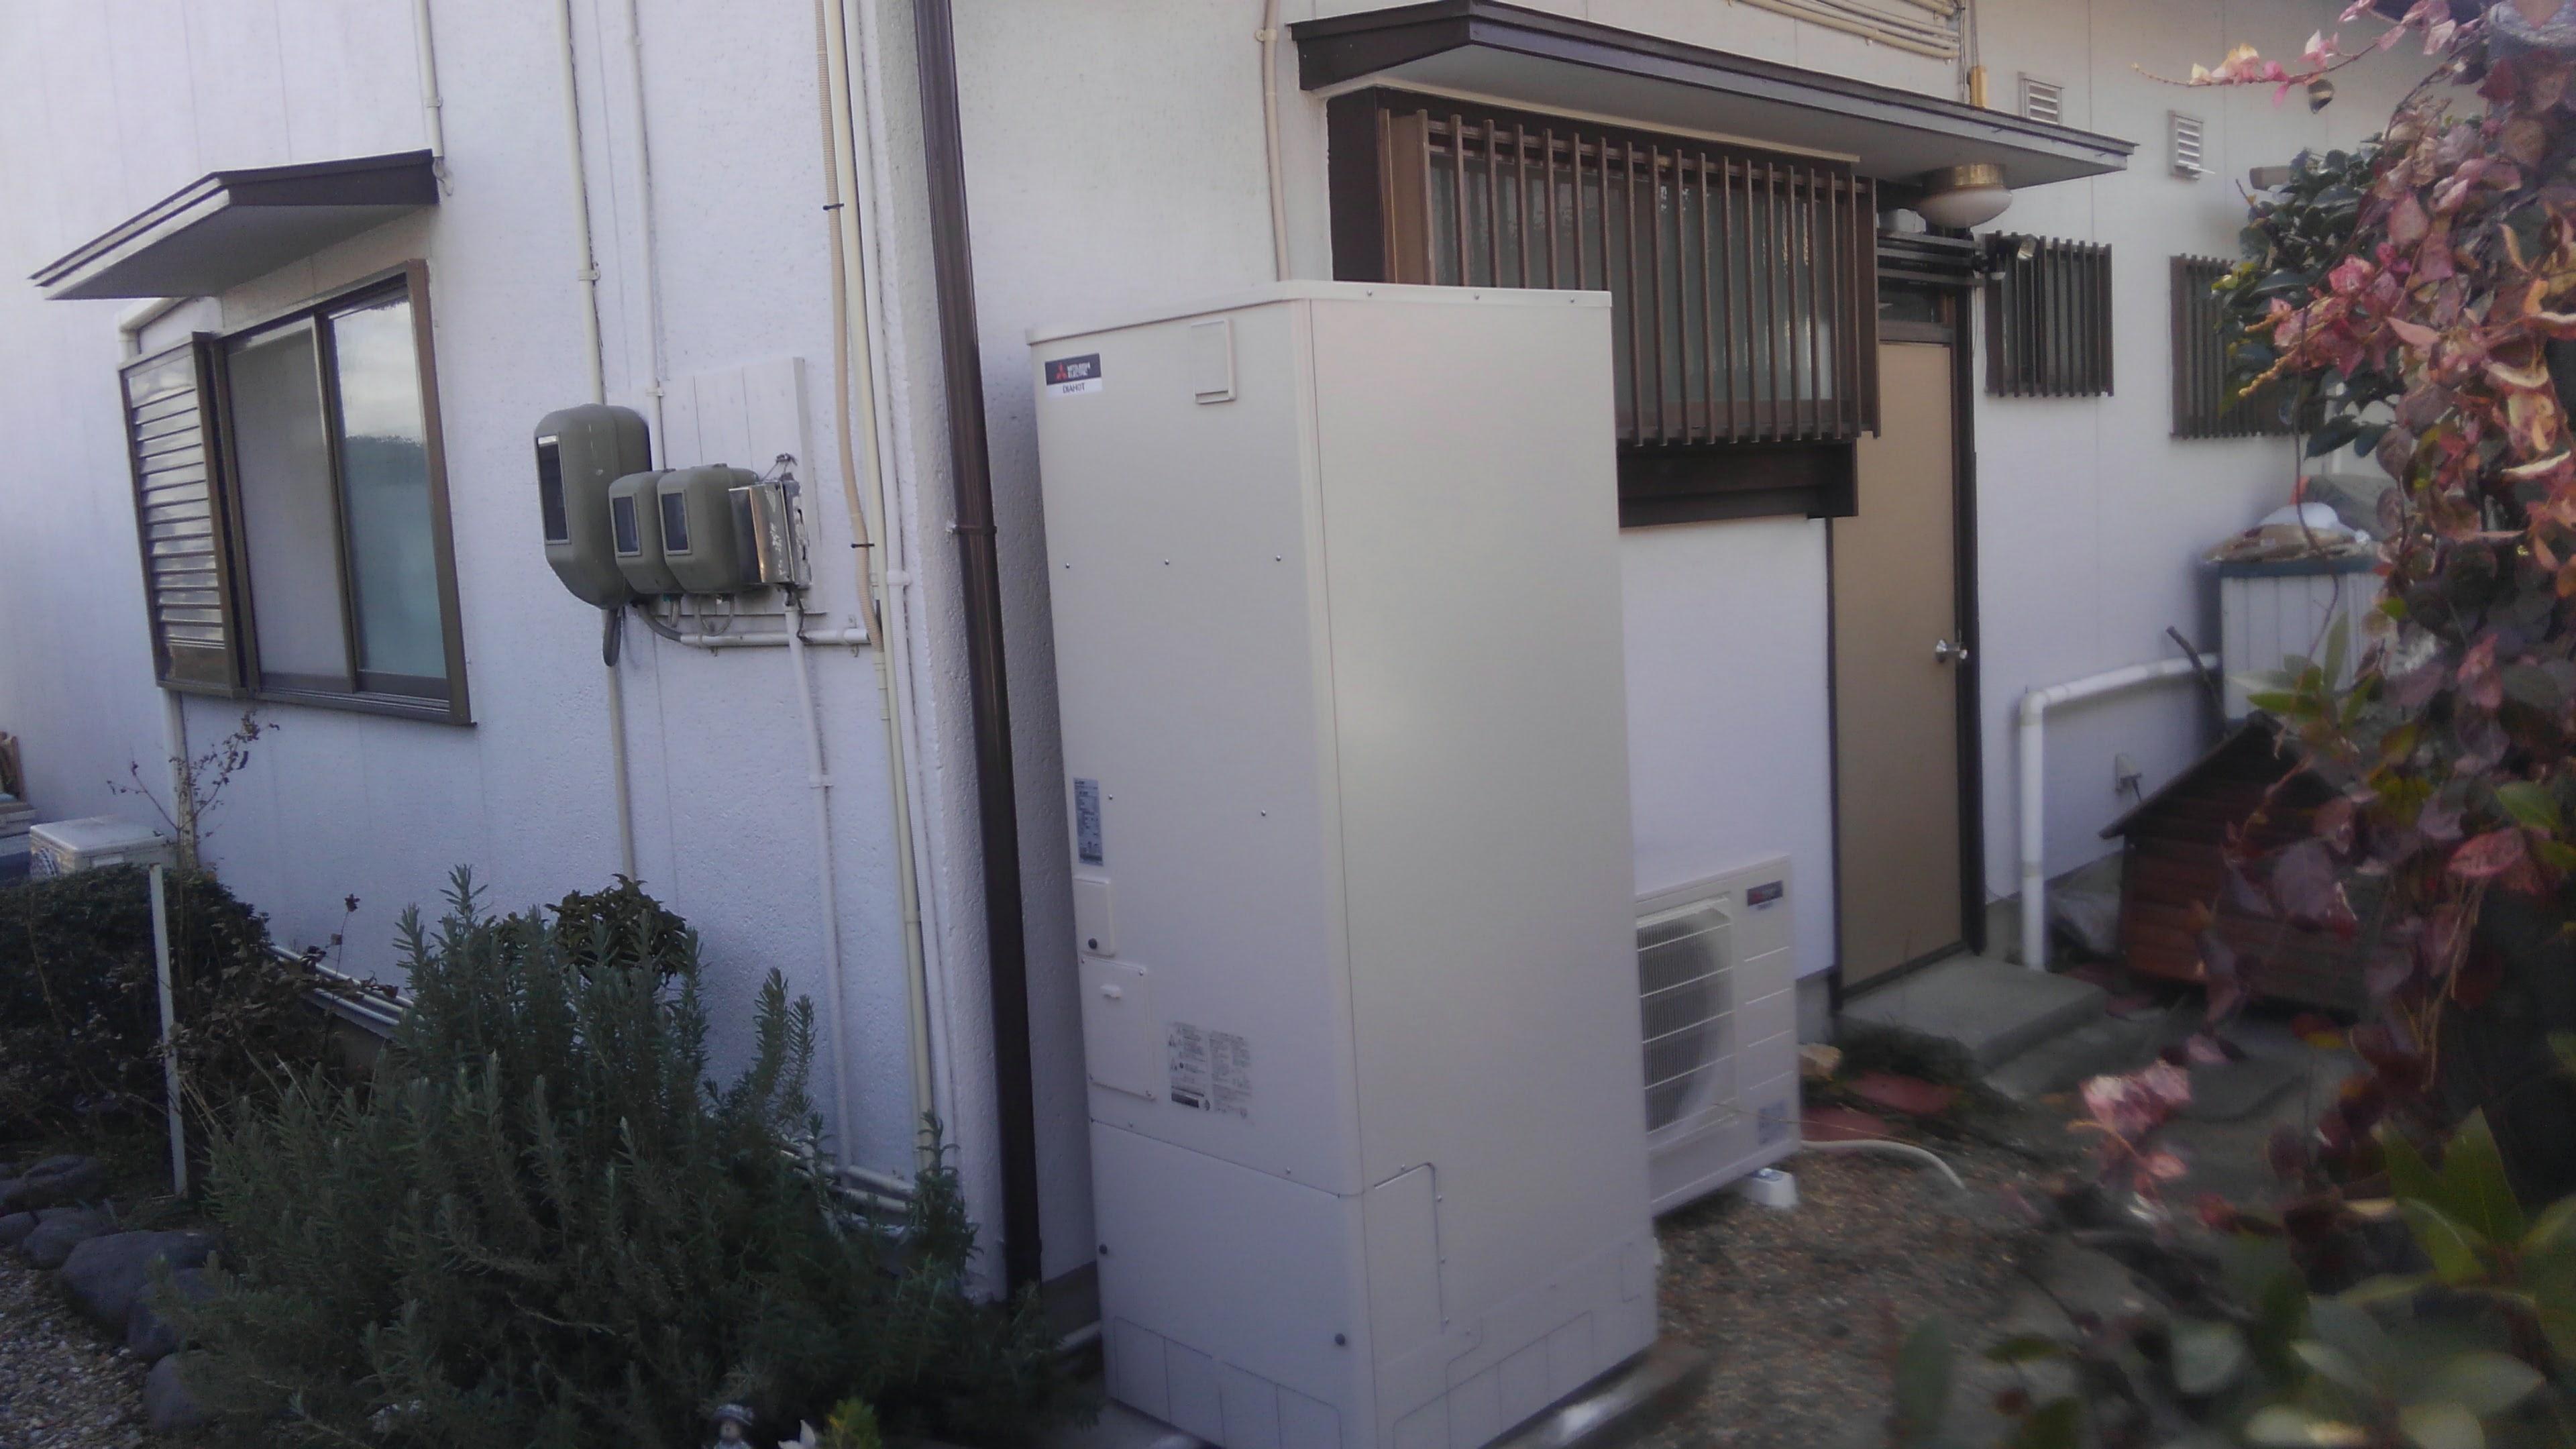 兵庫県三菱エコキュートSRT-N372施工後の写真